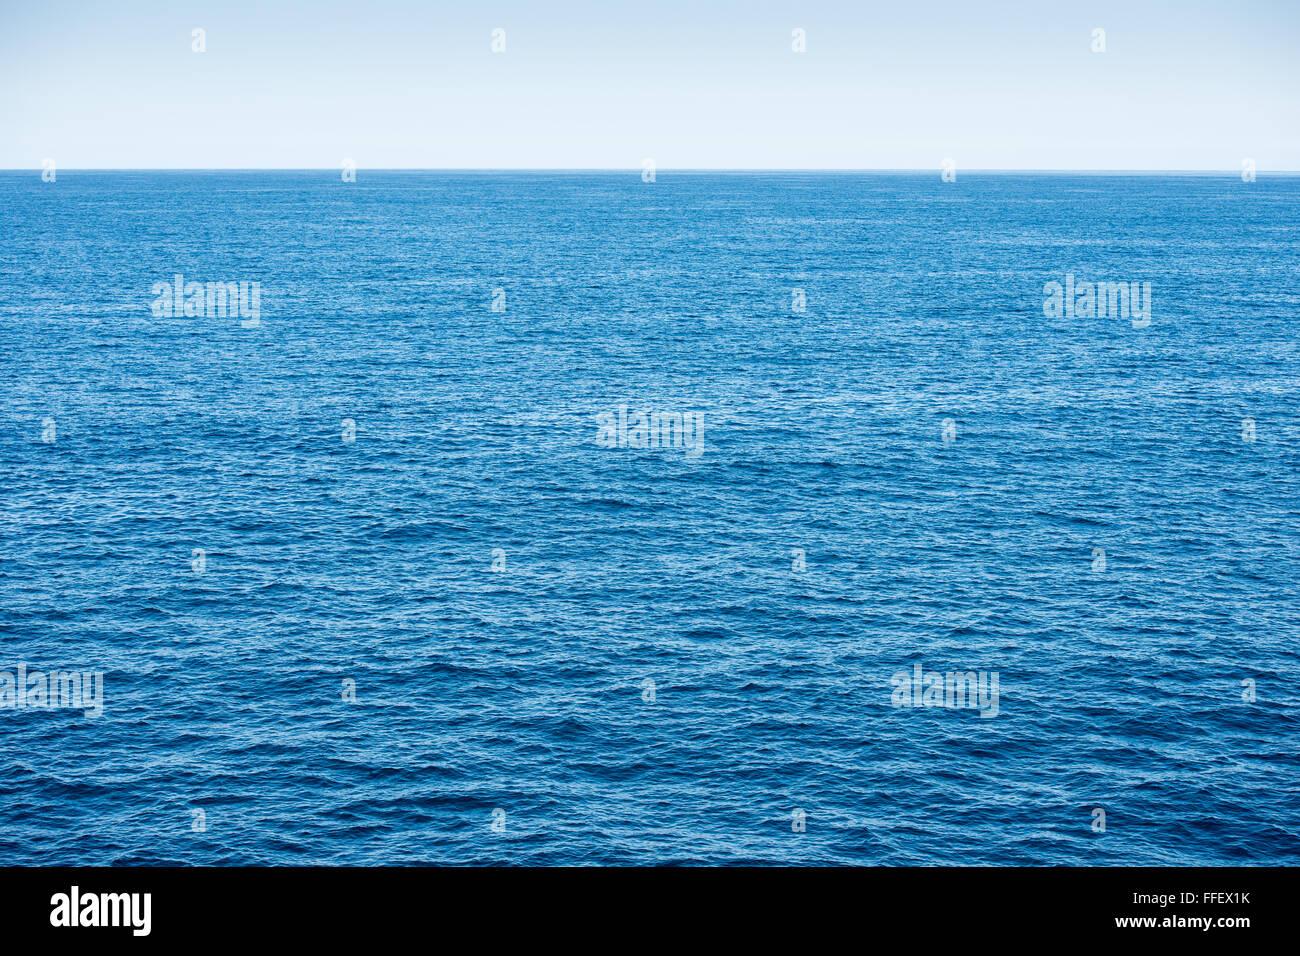 Océano azul con el cielo azul de fondo y profundas aguas azules Imagen De Stock